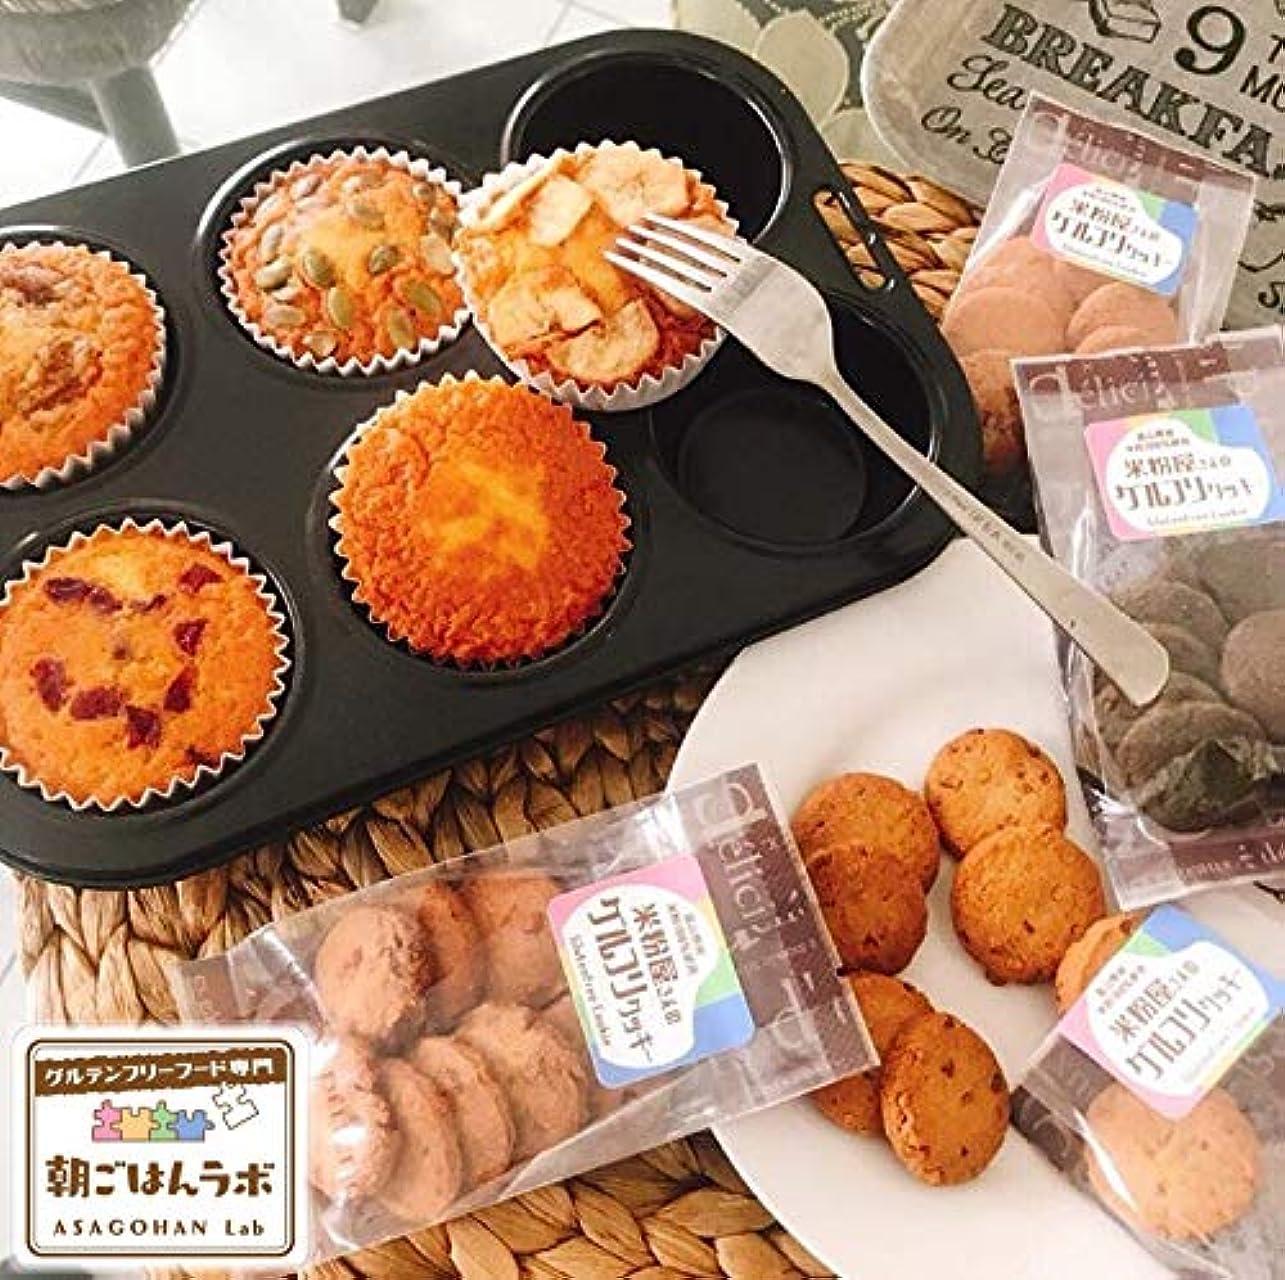 弾性病気のどれか米粉屋さんのグルフリクッキー小袋 4袋&グルフリベイク5個 グルテンフリー 朝ごはんラボ